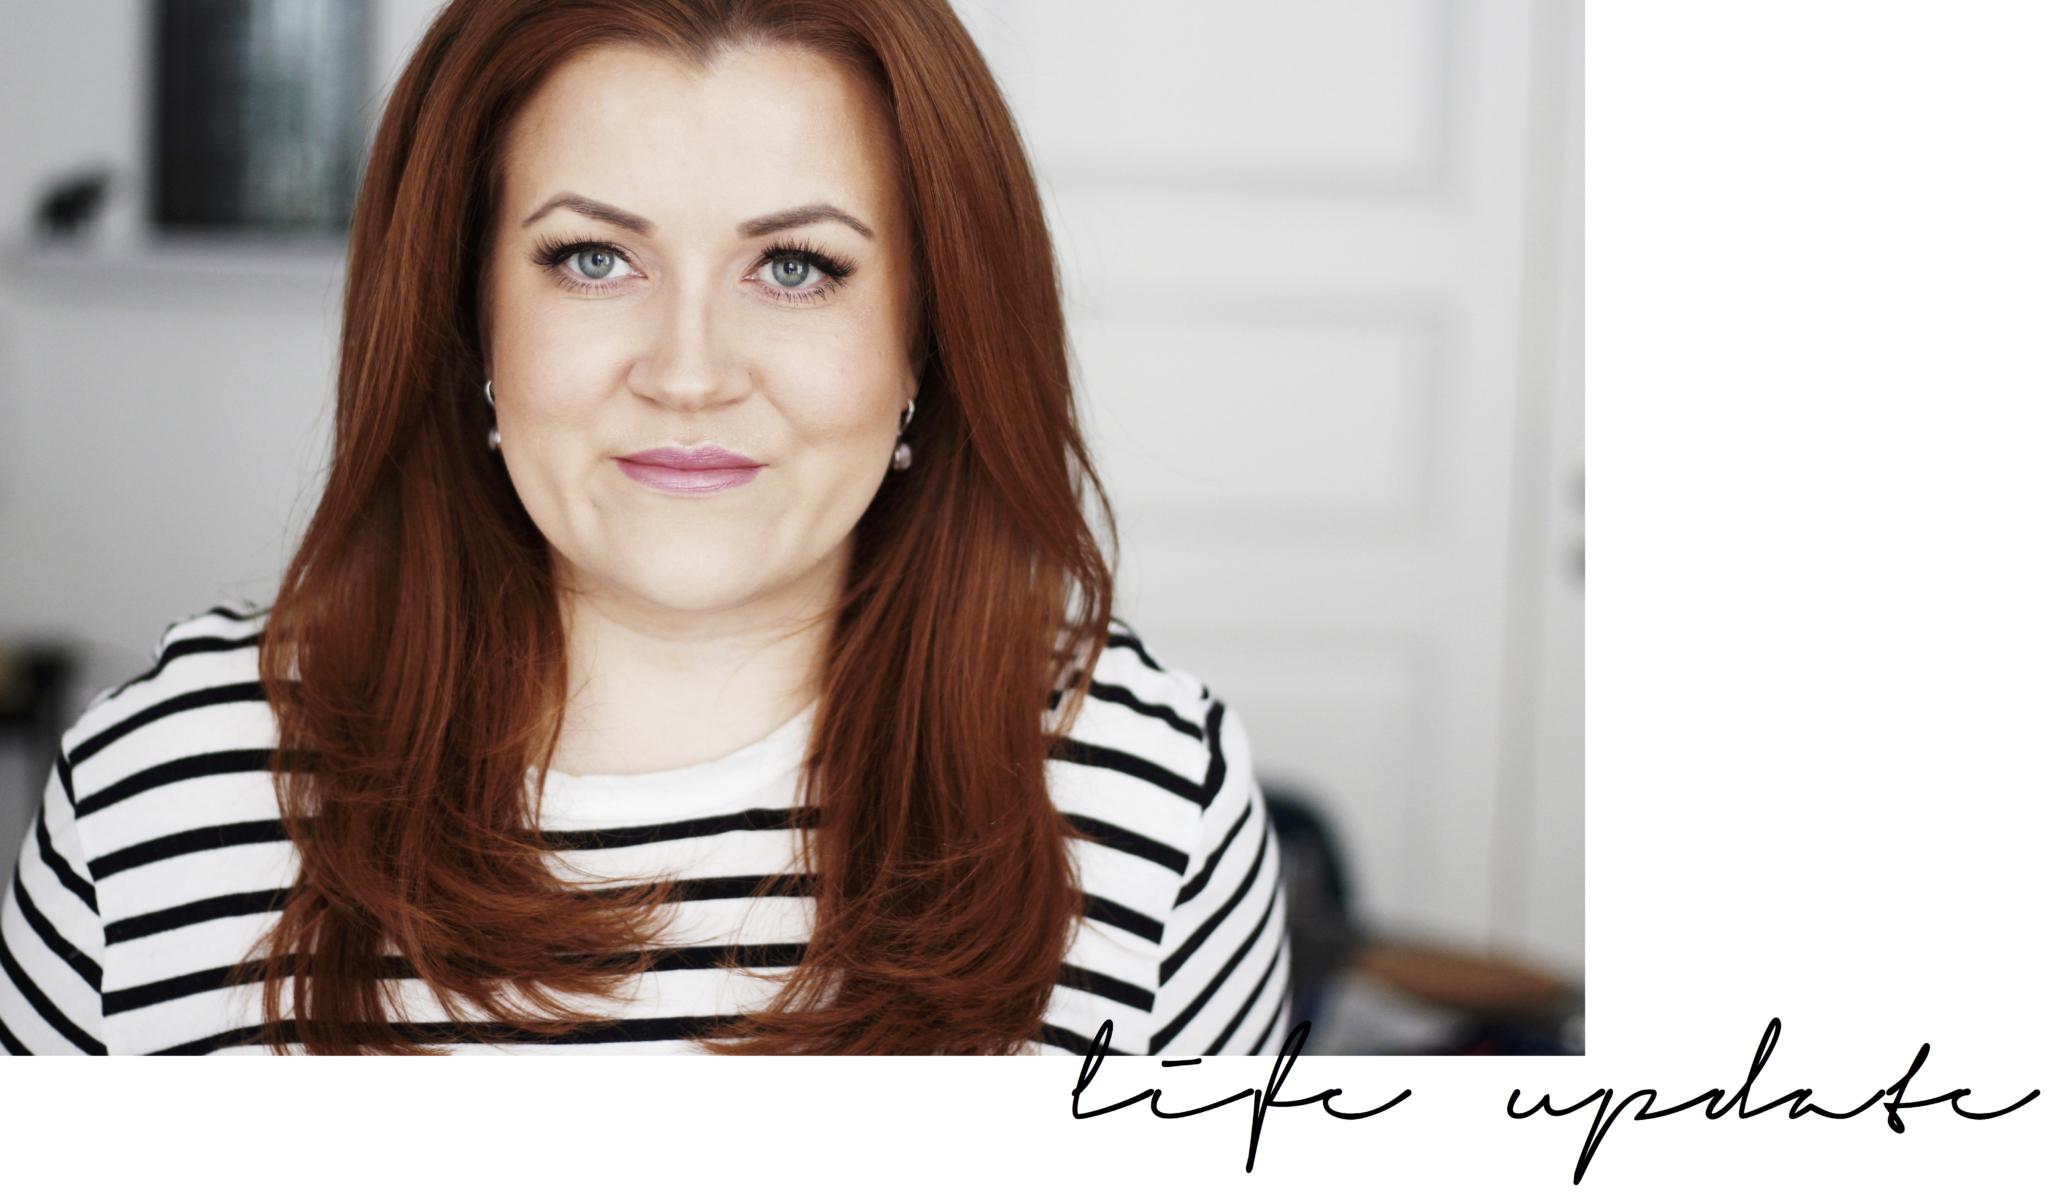 Titelbild: LIFE UPDATE & OTHER THOUGHTS #4 - lifestyle und Mode Blog aus Leipzig Deutschland - persönliche Gedanken der Bloggerin